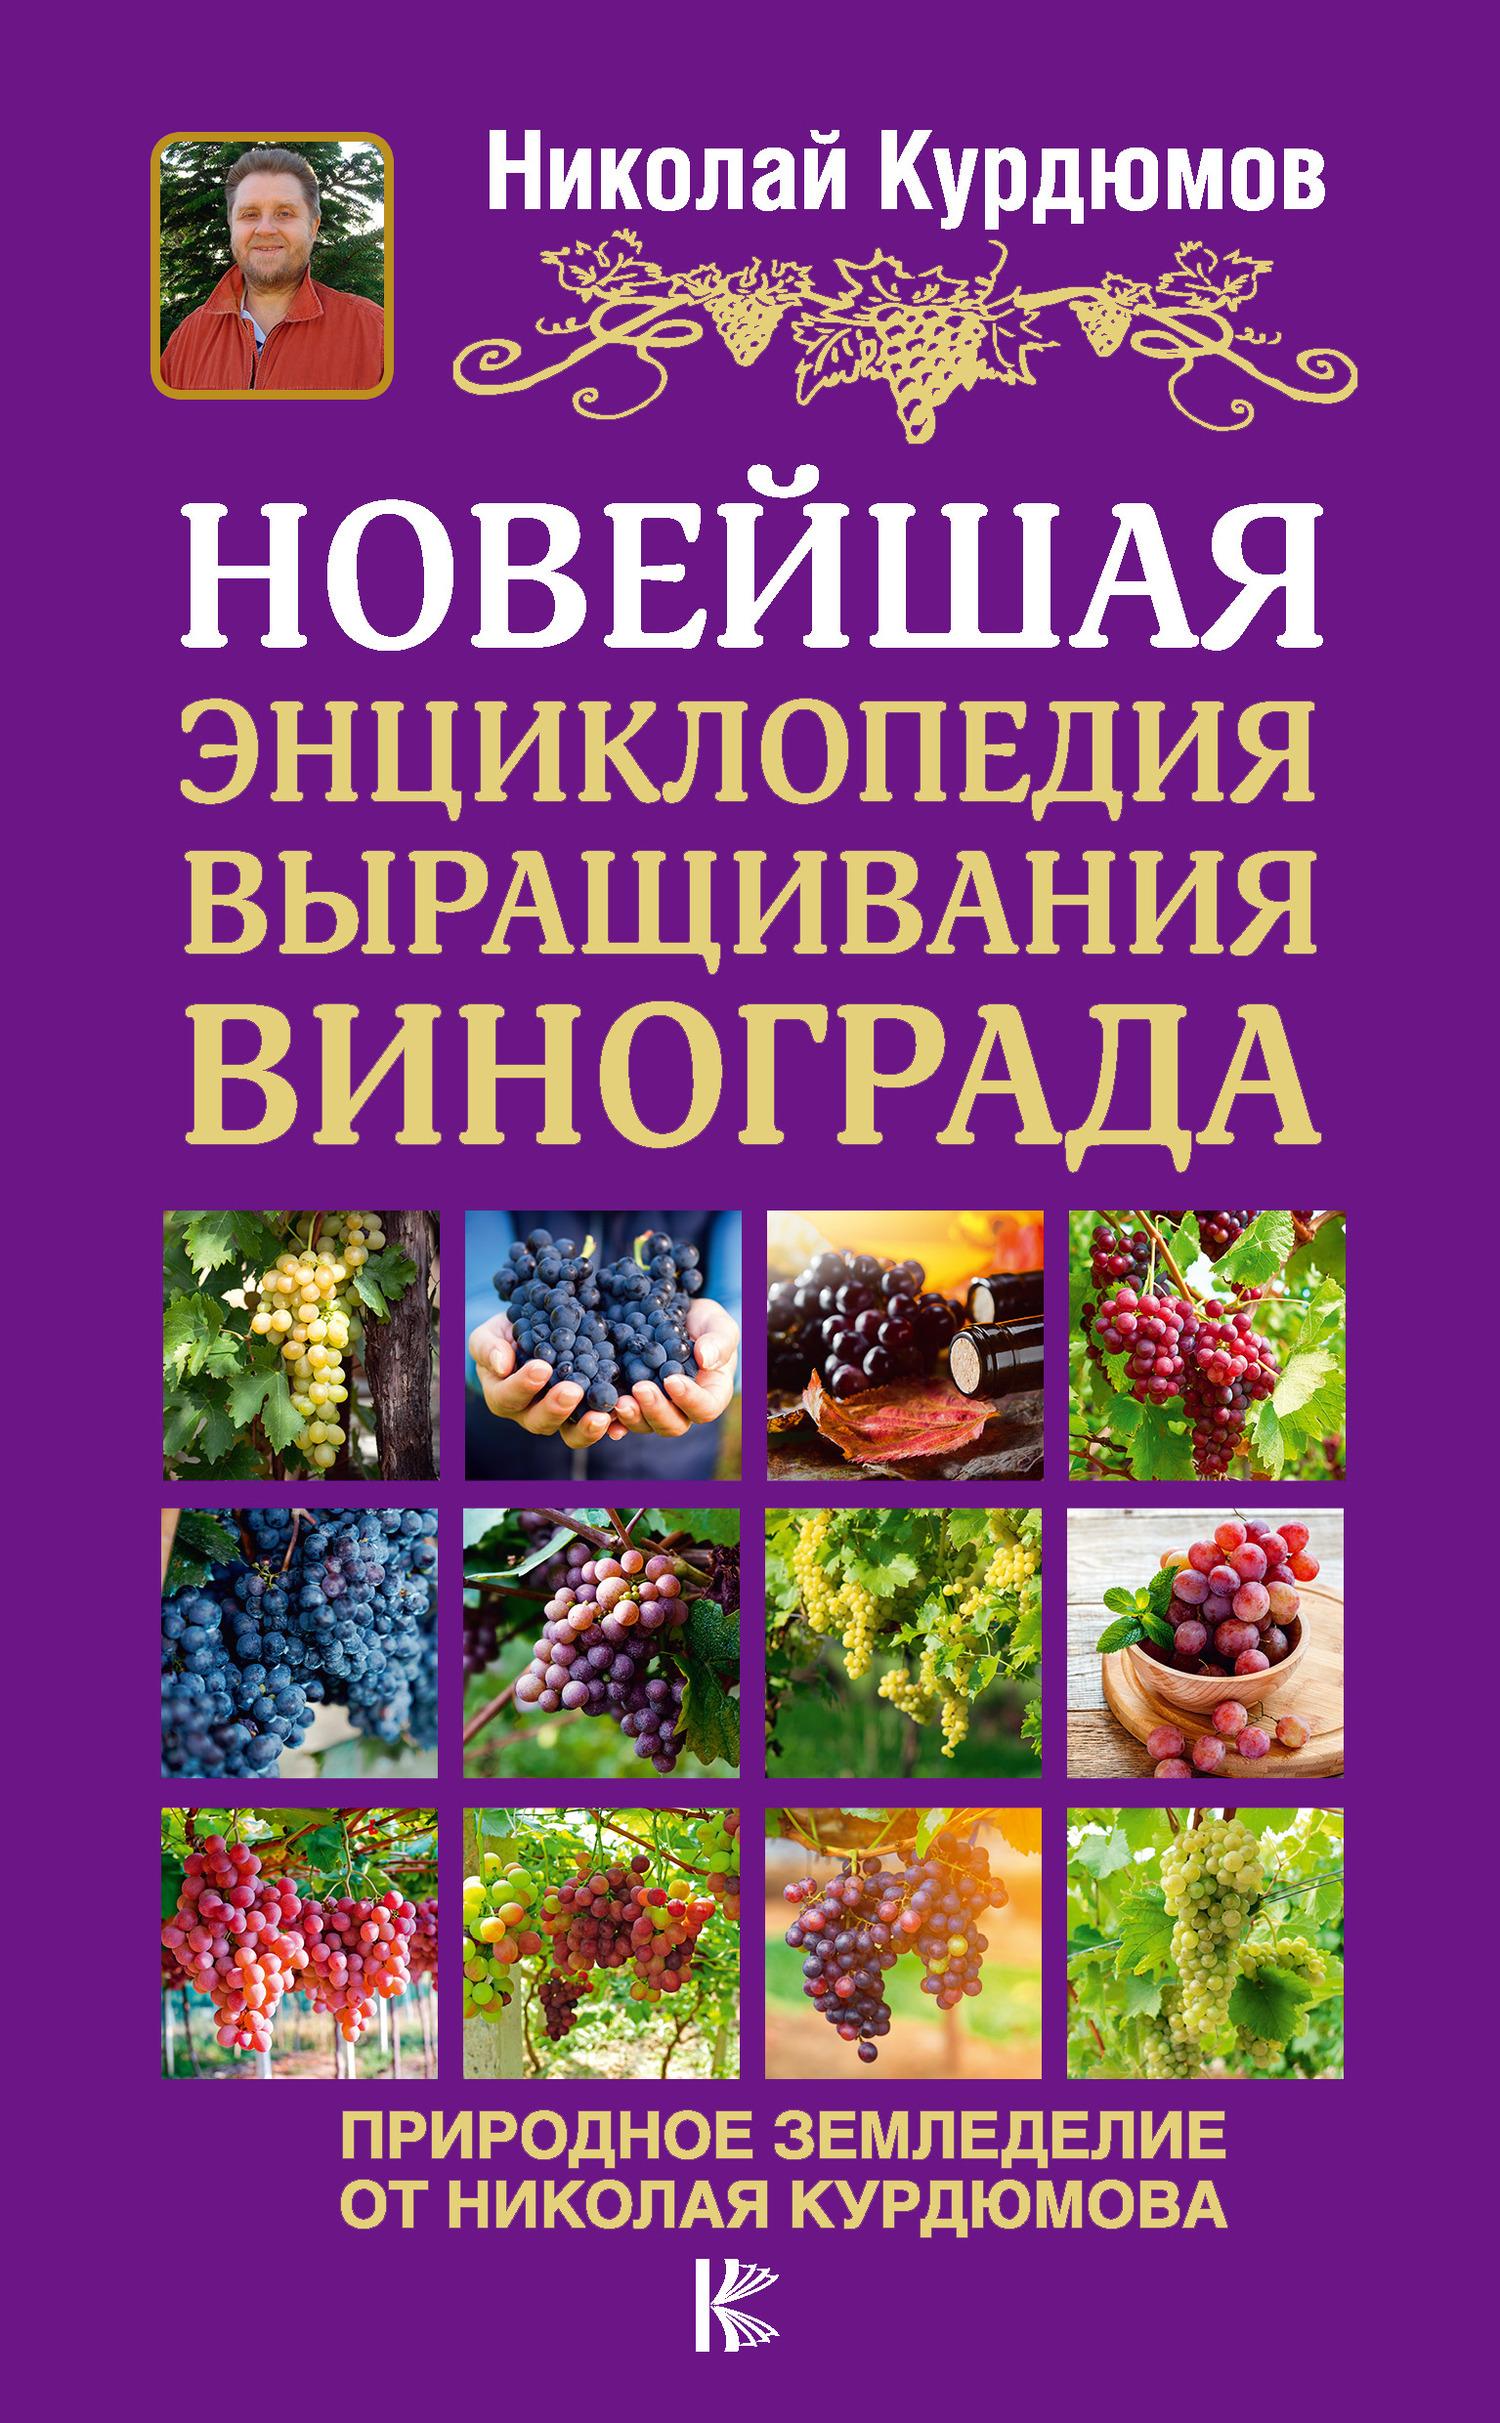 Николай Курдюмов. Новейшая энциклопедия выращивания винограда